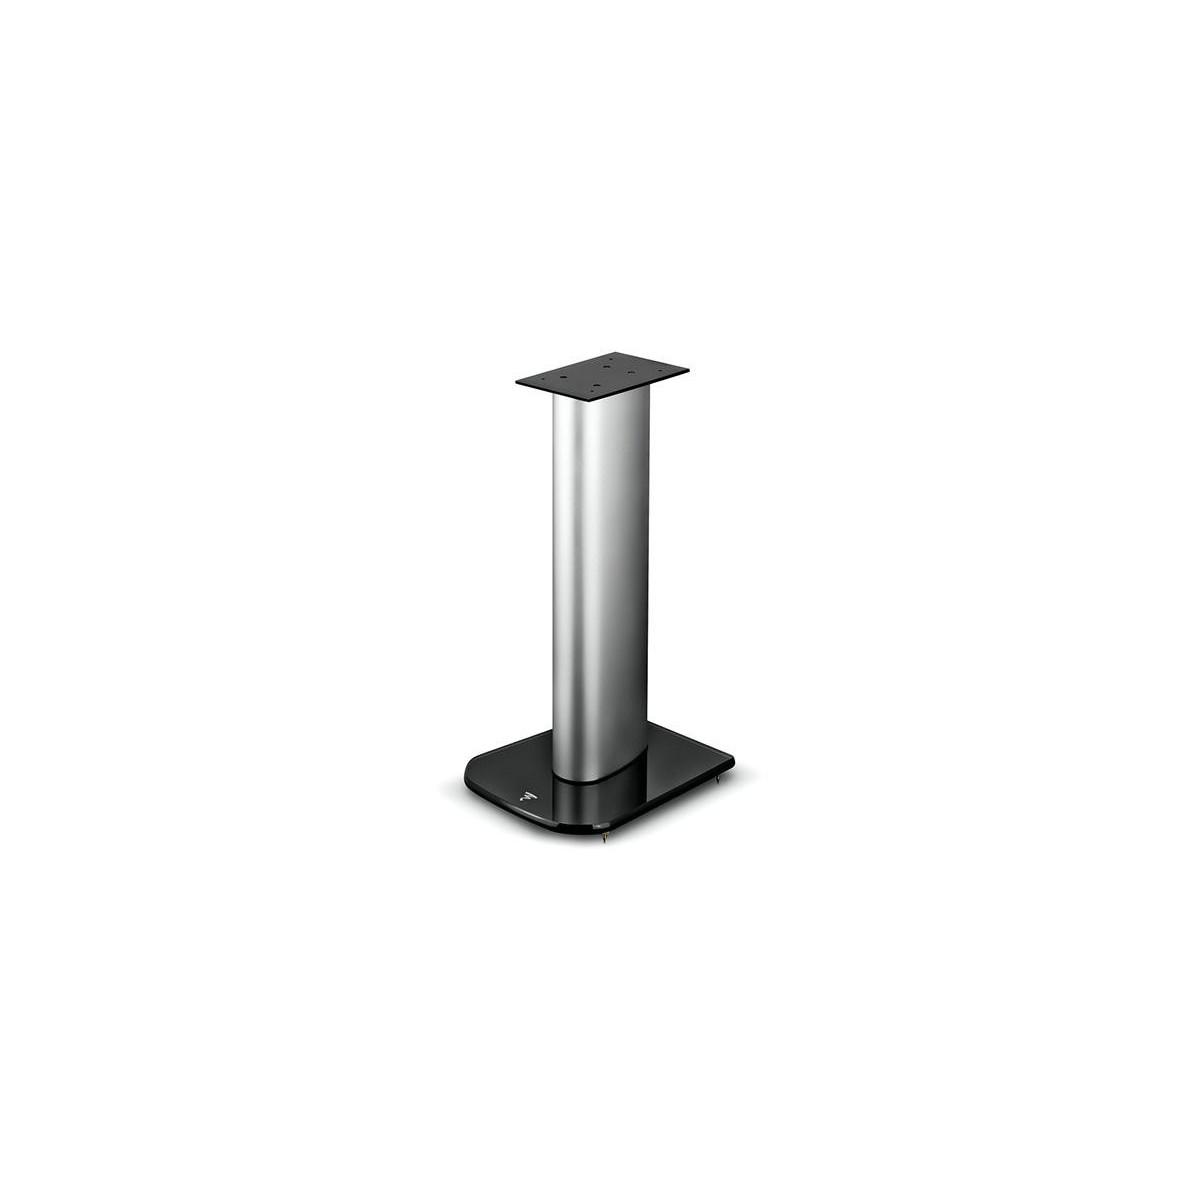 Lautsprecherständer ARIA S 900 (Paarpreis)